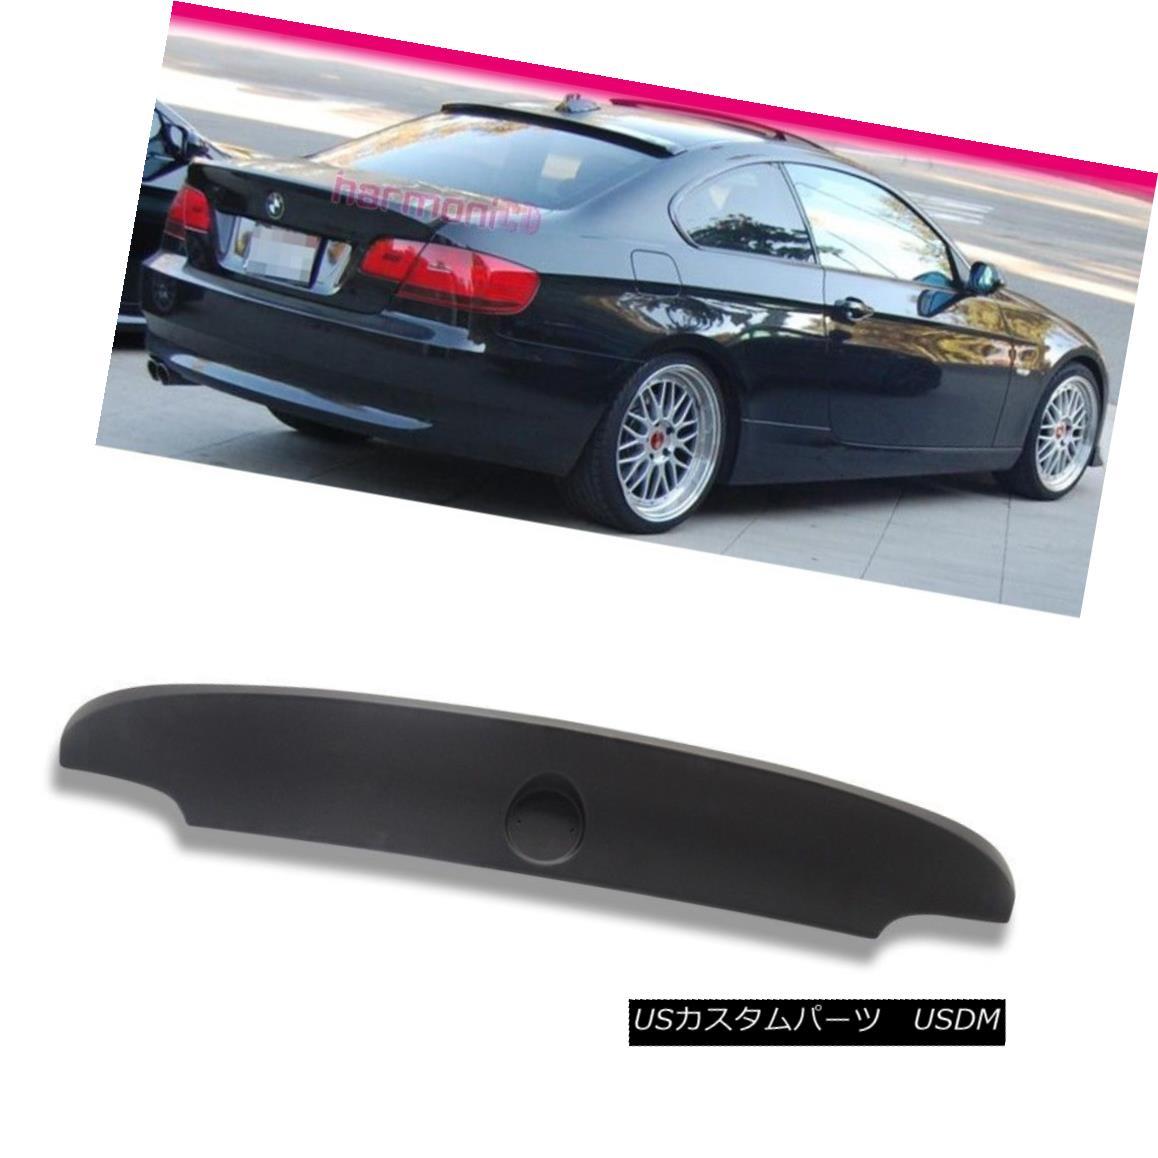 エアロパーツ Fits 07-13 BMW 3-Series E92 Coupe CSL Style Rear Trunk Spoiler Wing ABS フィット07?13 BMW 3シリーズE92クーペCSLスタイルリアトランクスポイラーウィングABS